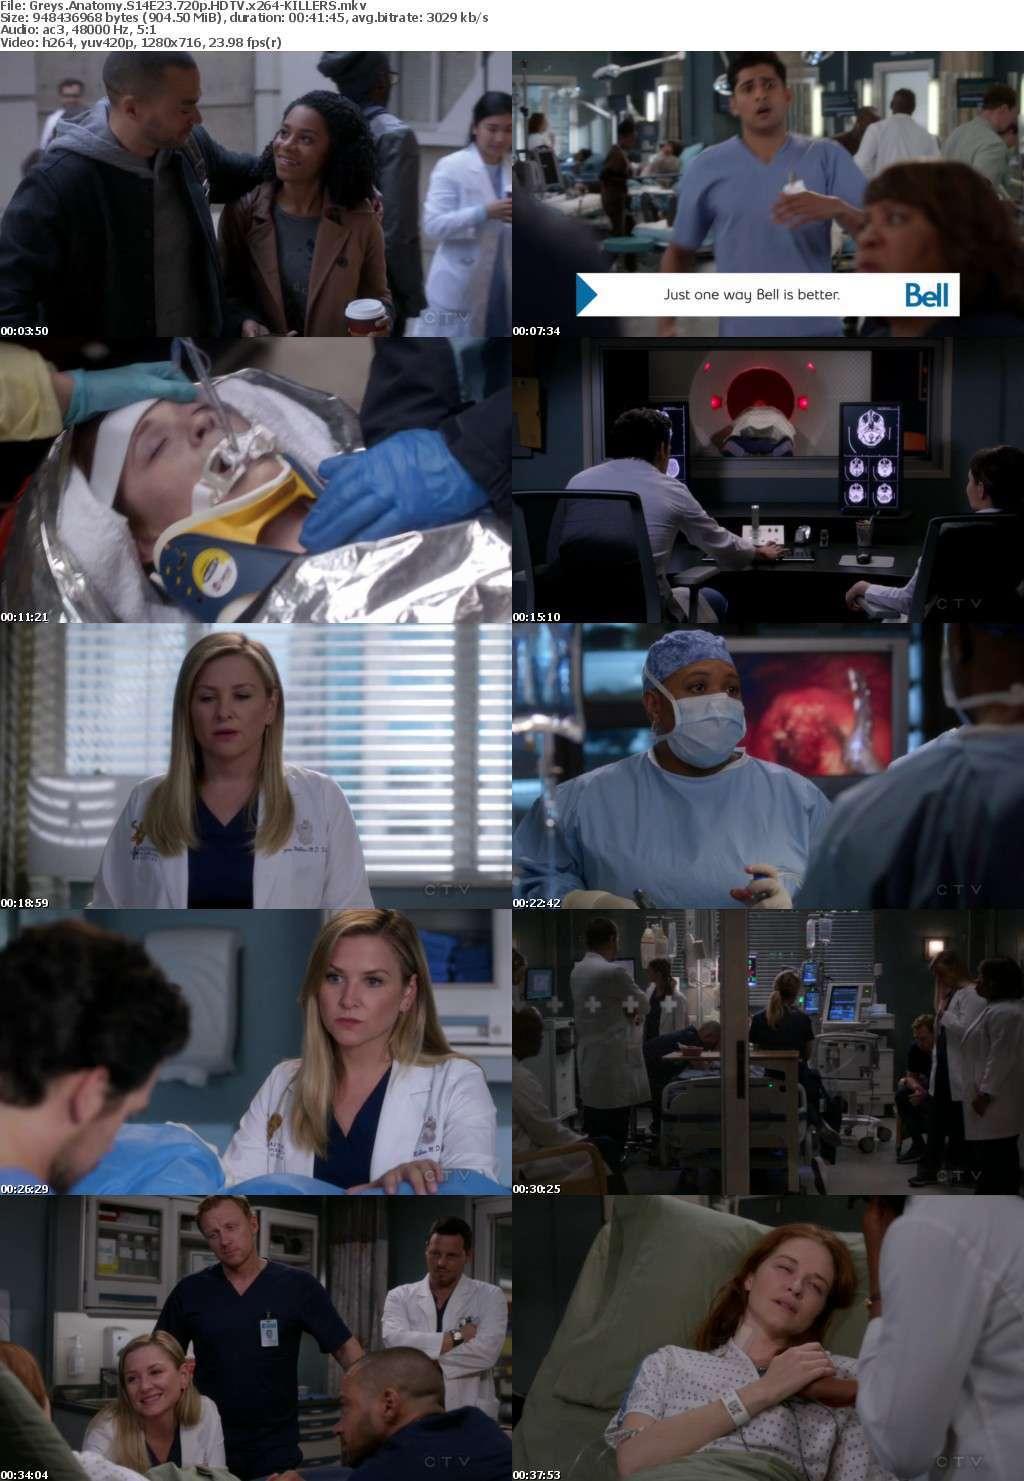 Greys Anatomy S14E23 720p HDTV x264-KILLERS